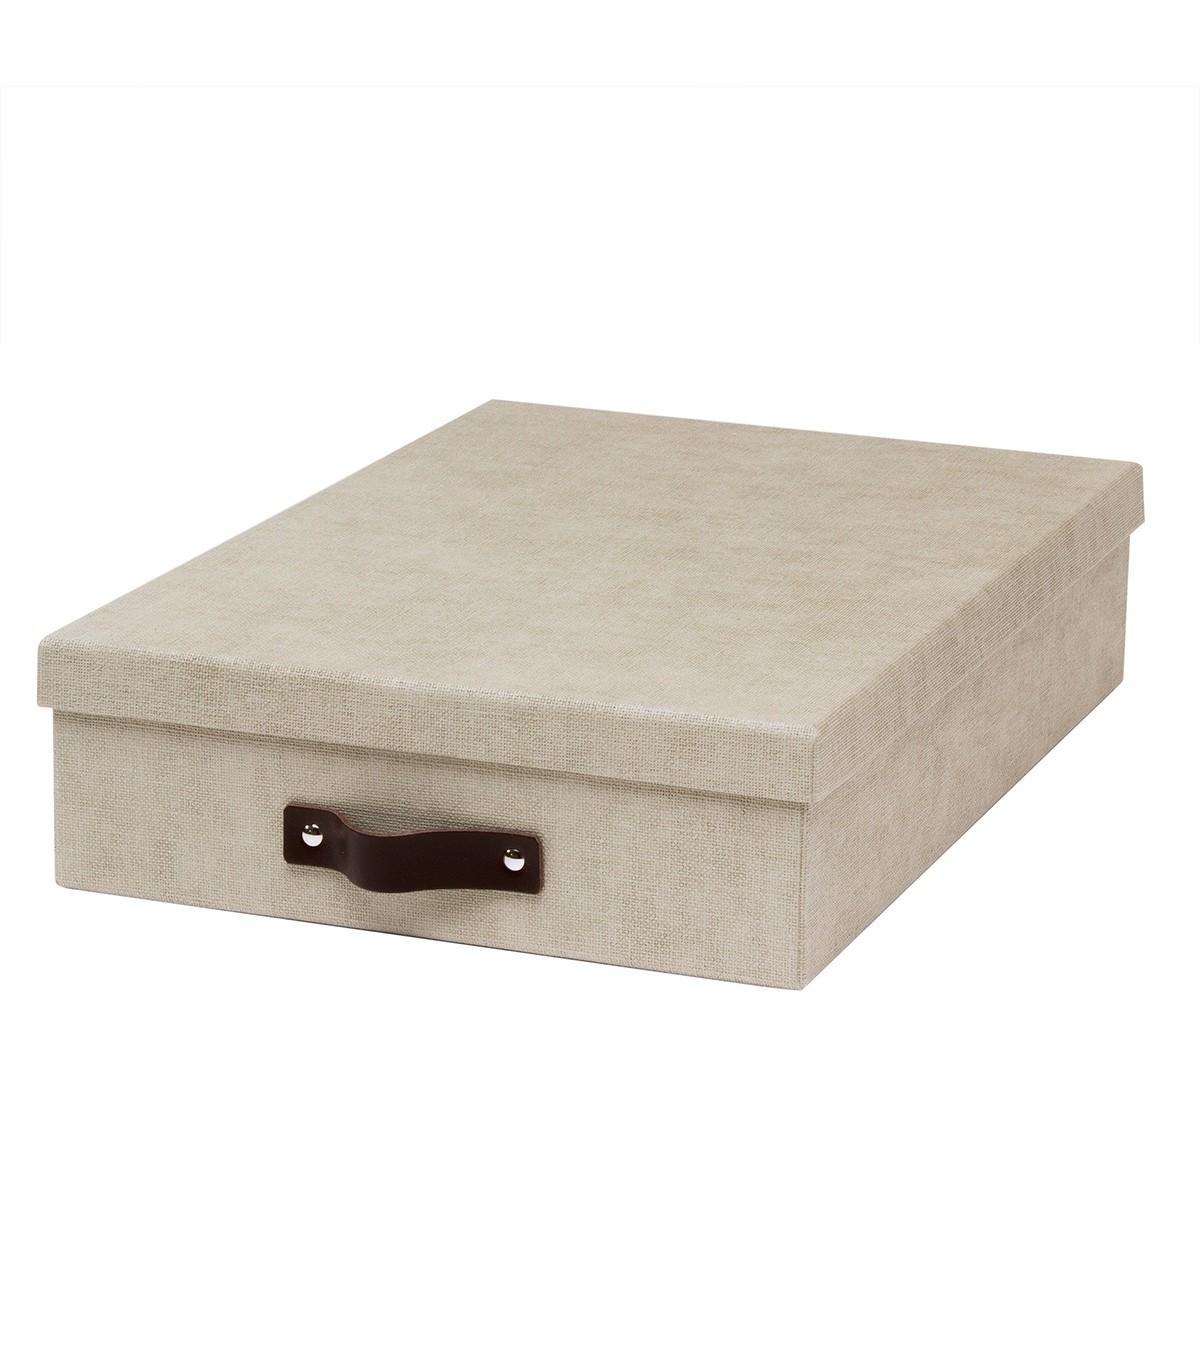 Boîte A4 avec poignée cuir - 35 x 26 x H8.5cm - Beige